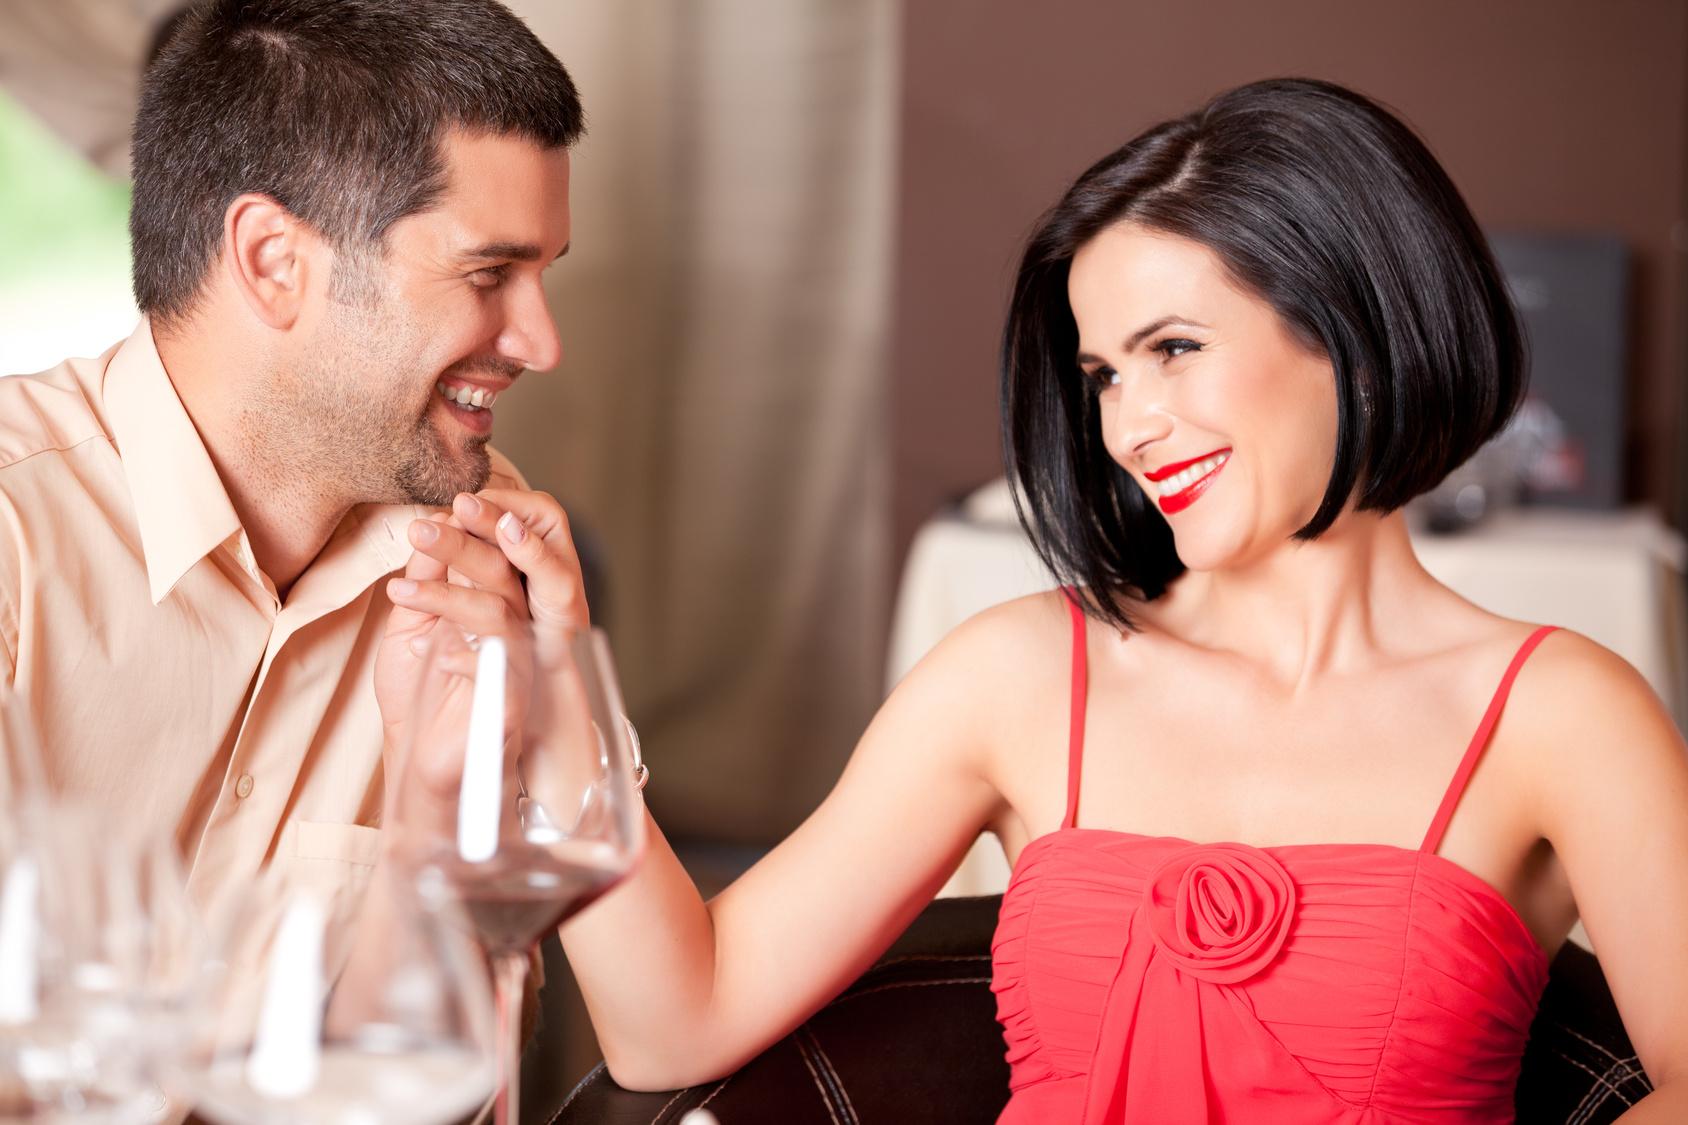 Смотреть девушка любит с мужем, Порно жены. Секс с женами. Любовники ебут чужих жен 3 фотография